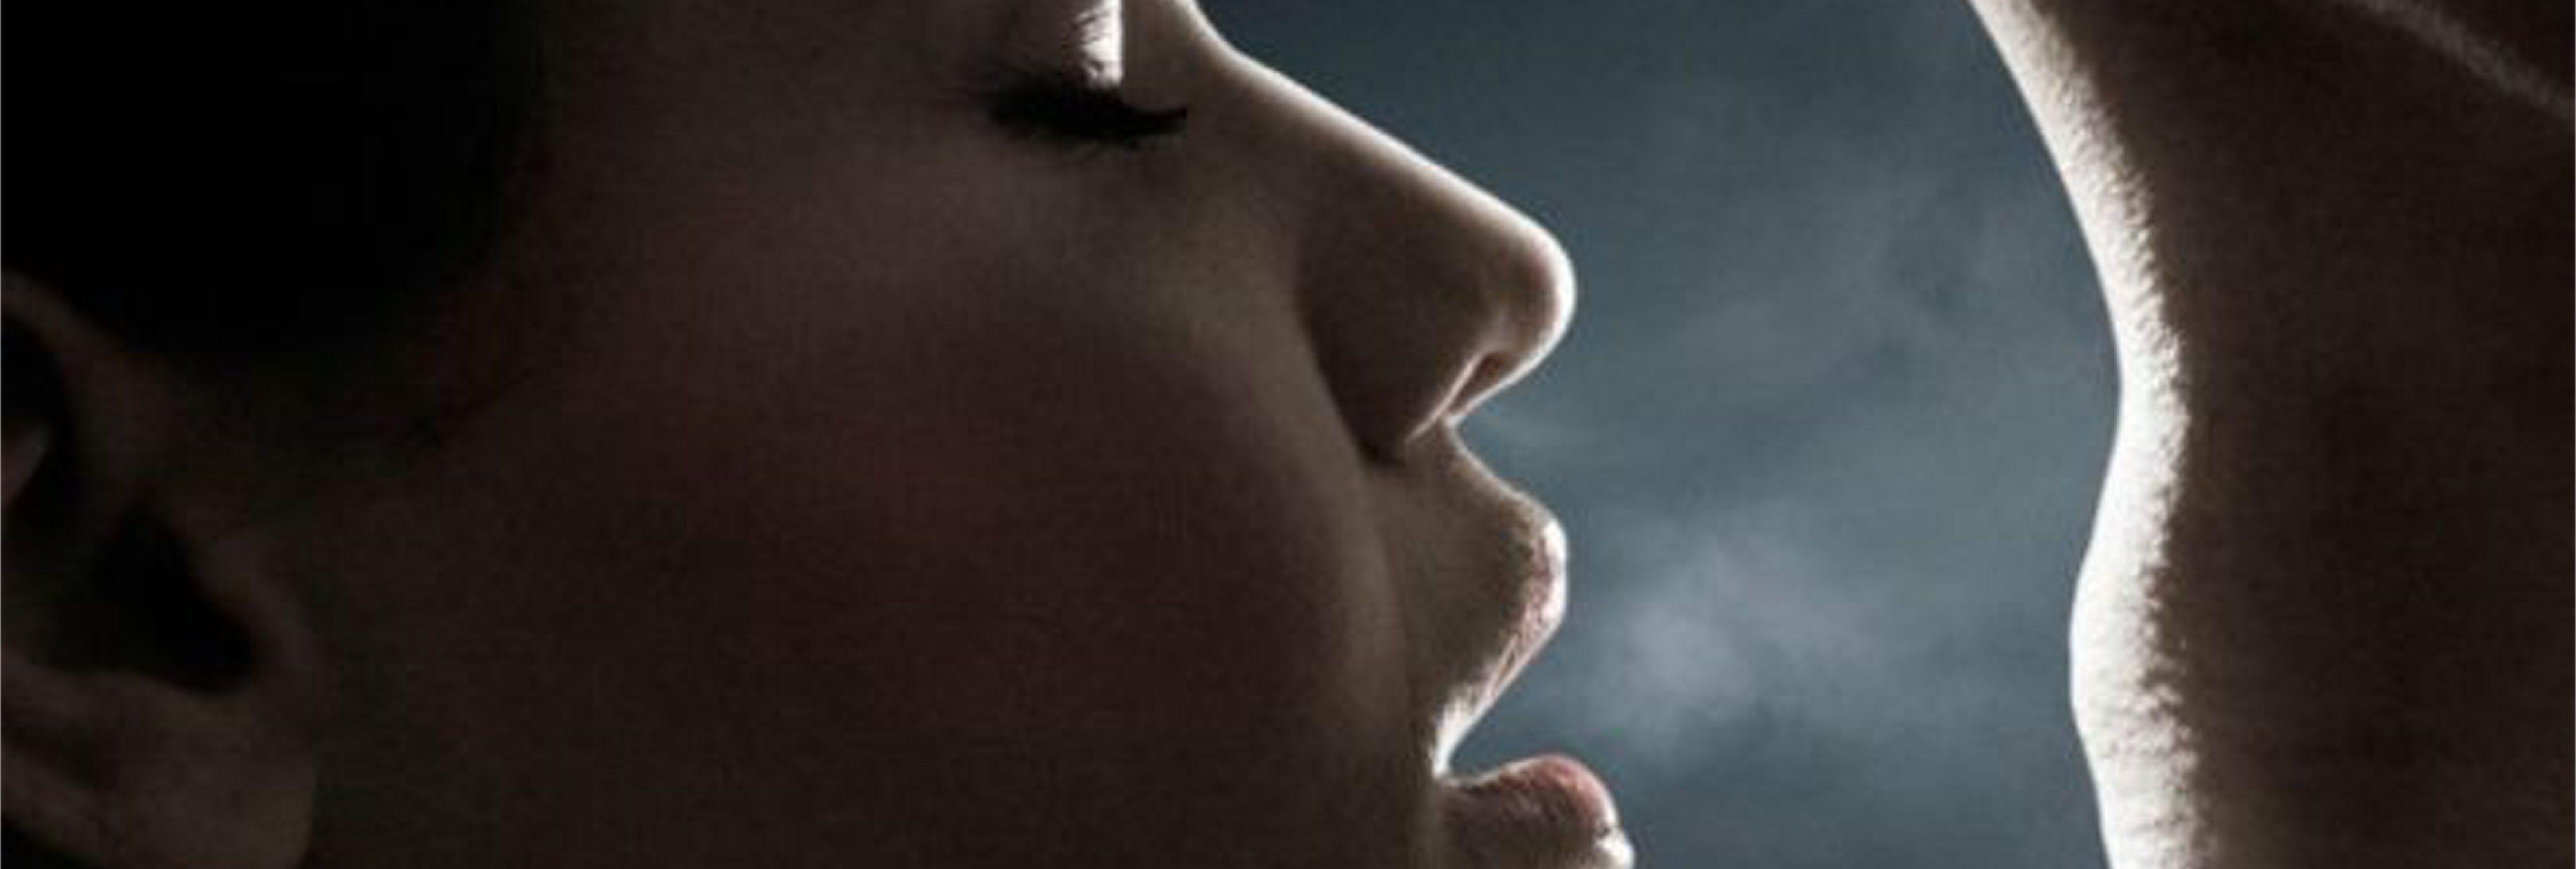 Perfumes con feromonas que prometen una mayor atracción sexual: ¿realmente existen?